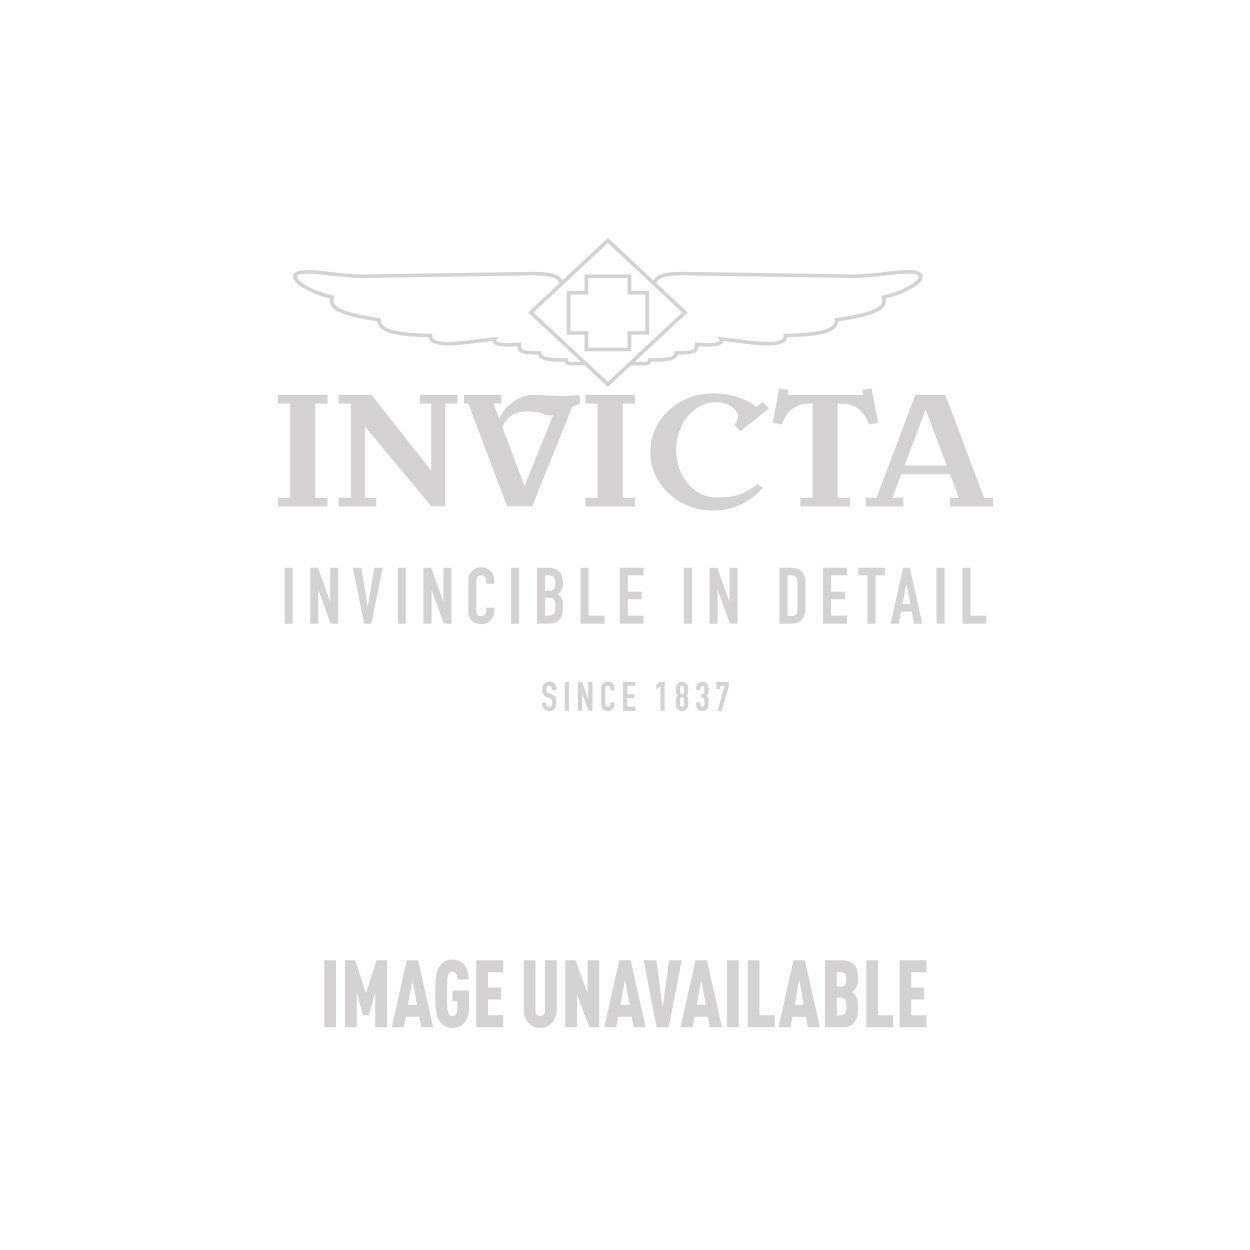 Invicta Model  SC0409